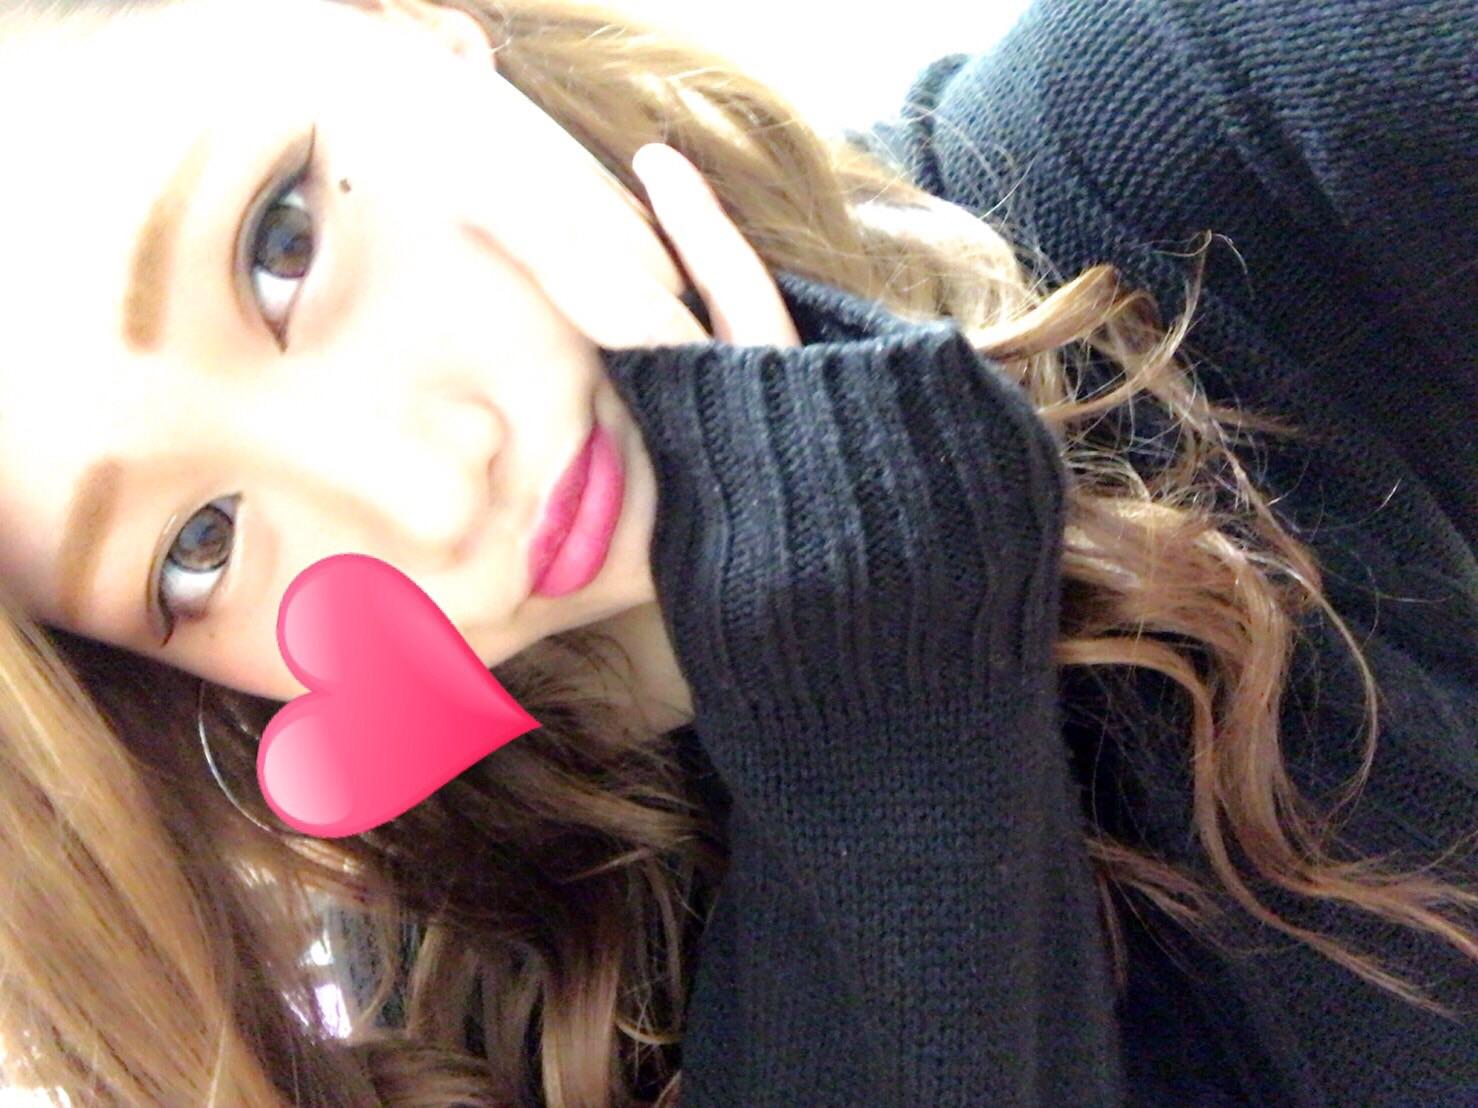 「おはよおはよ❤︎」12/04(12/04) 18:49 | らむ 即尺イラマ無料!!の写メ・風俗動画